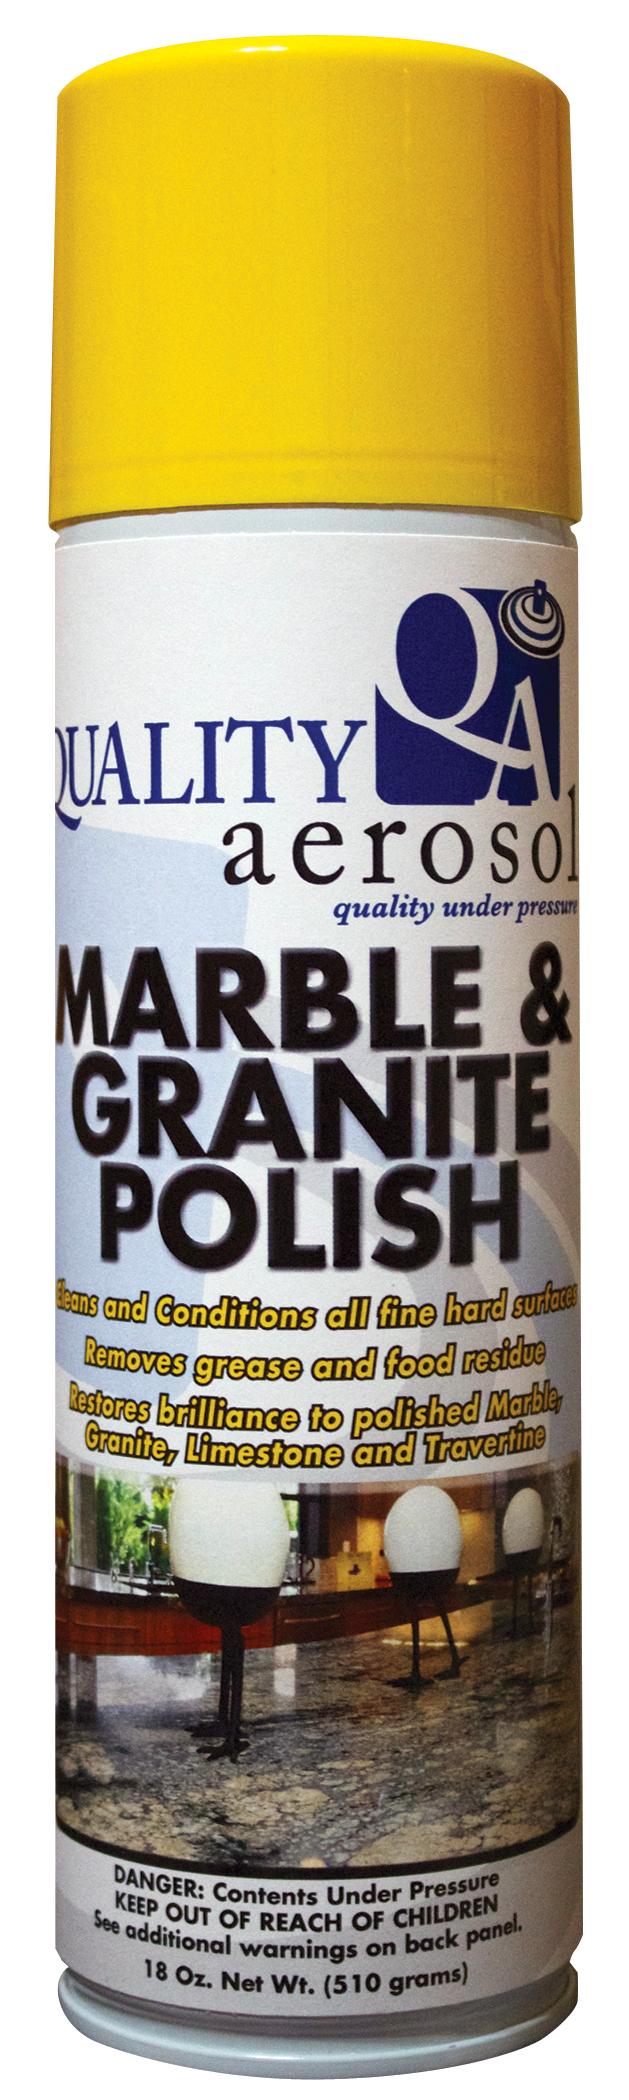 Marble & Granite Polish